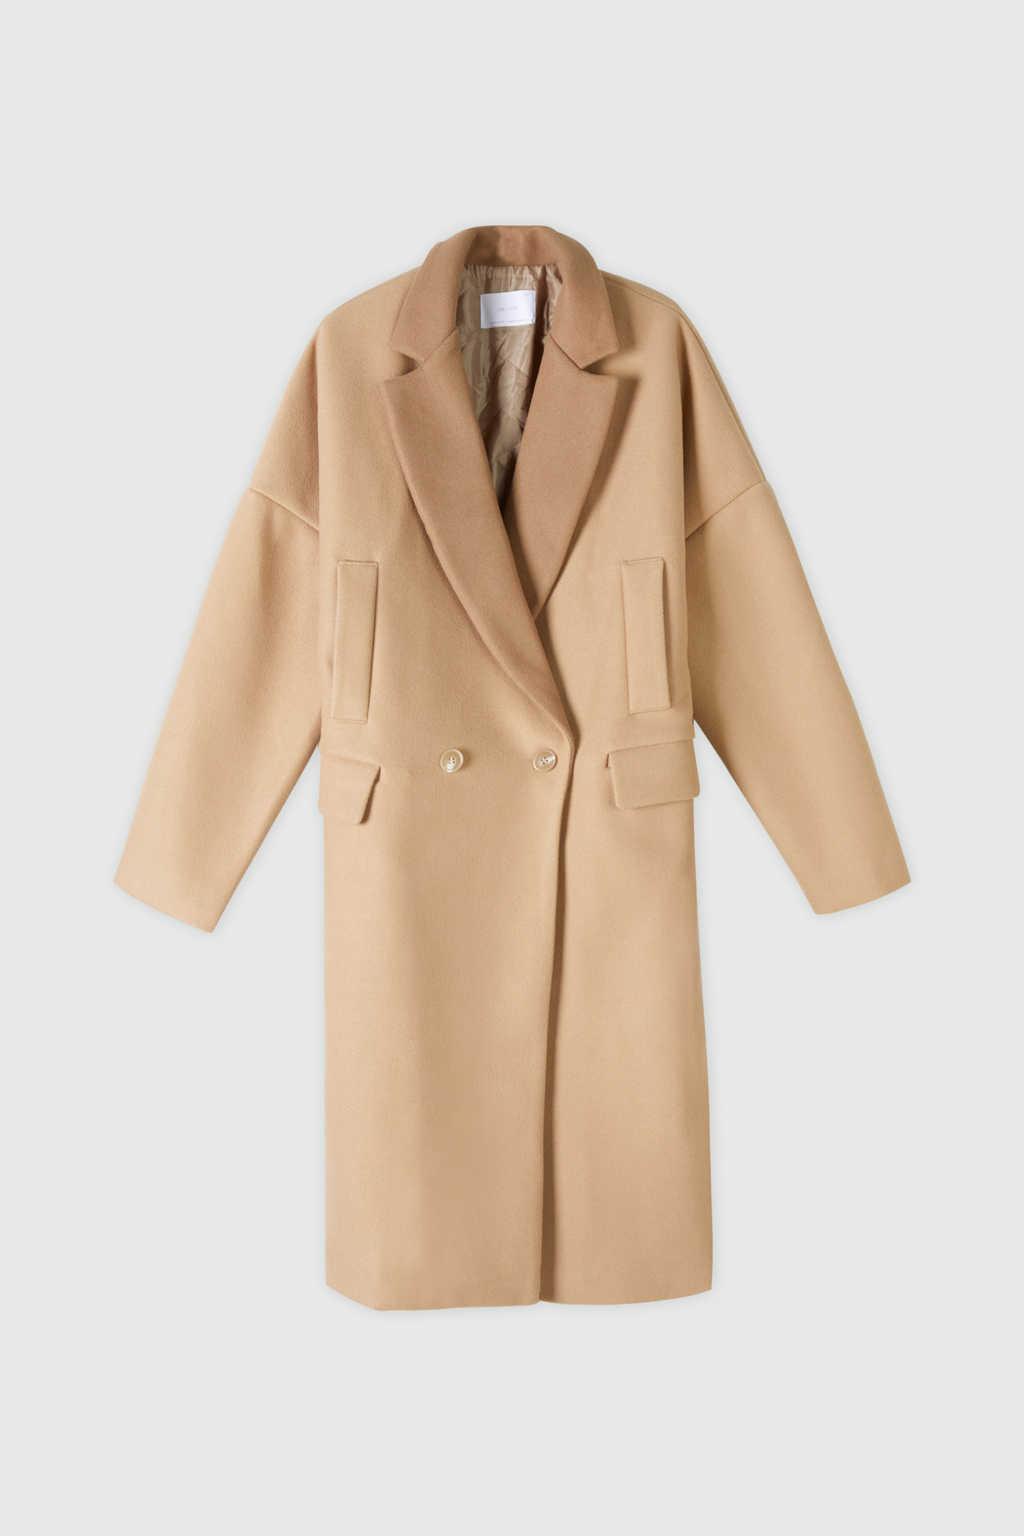 Coat J007 Beige 5